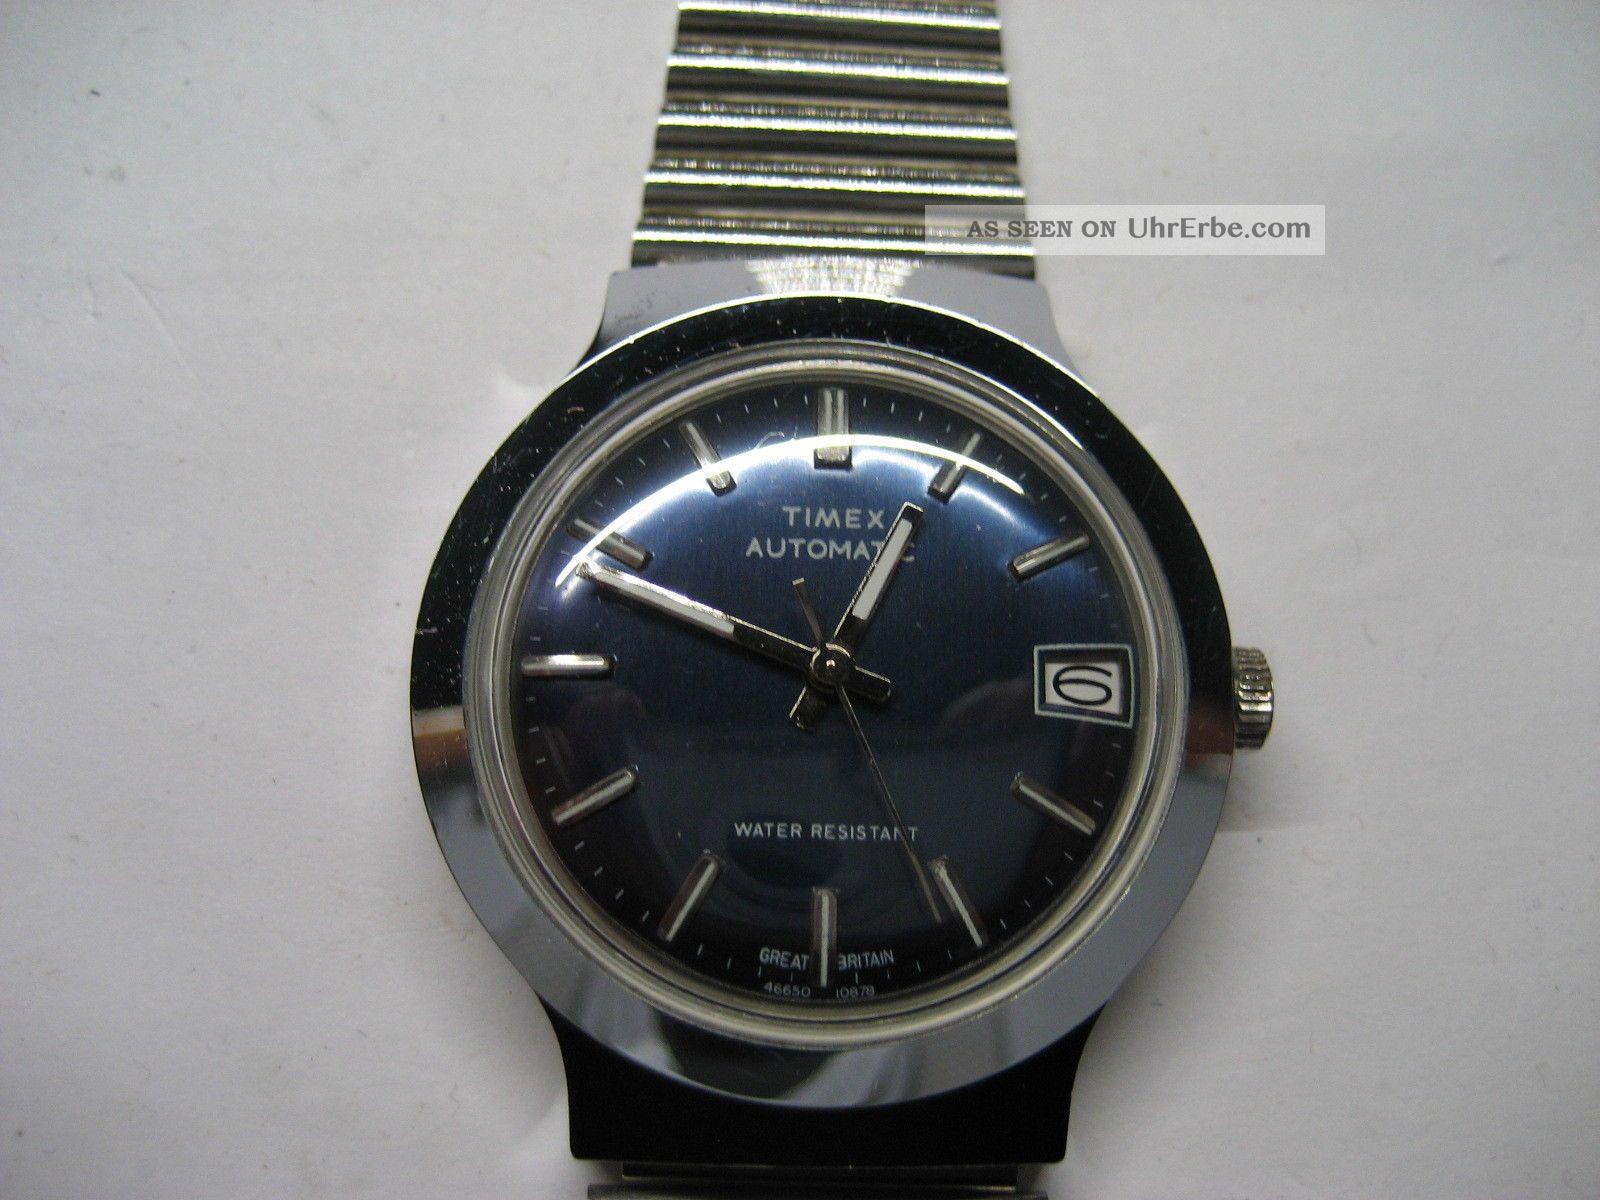 Timex Automatic Herrenarmbanduhr - Wie - Armbanduhren Bild